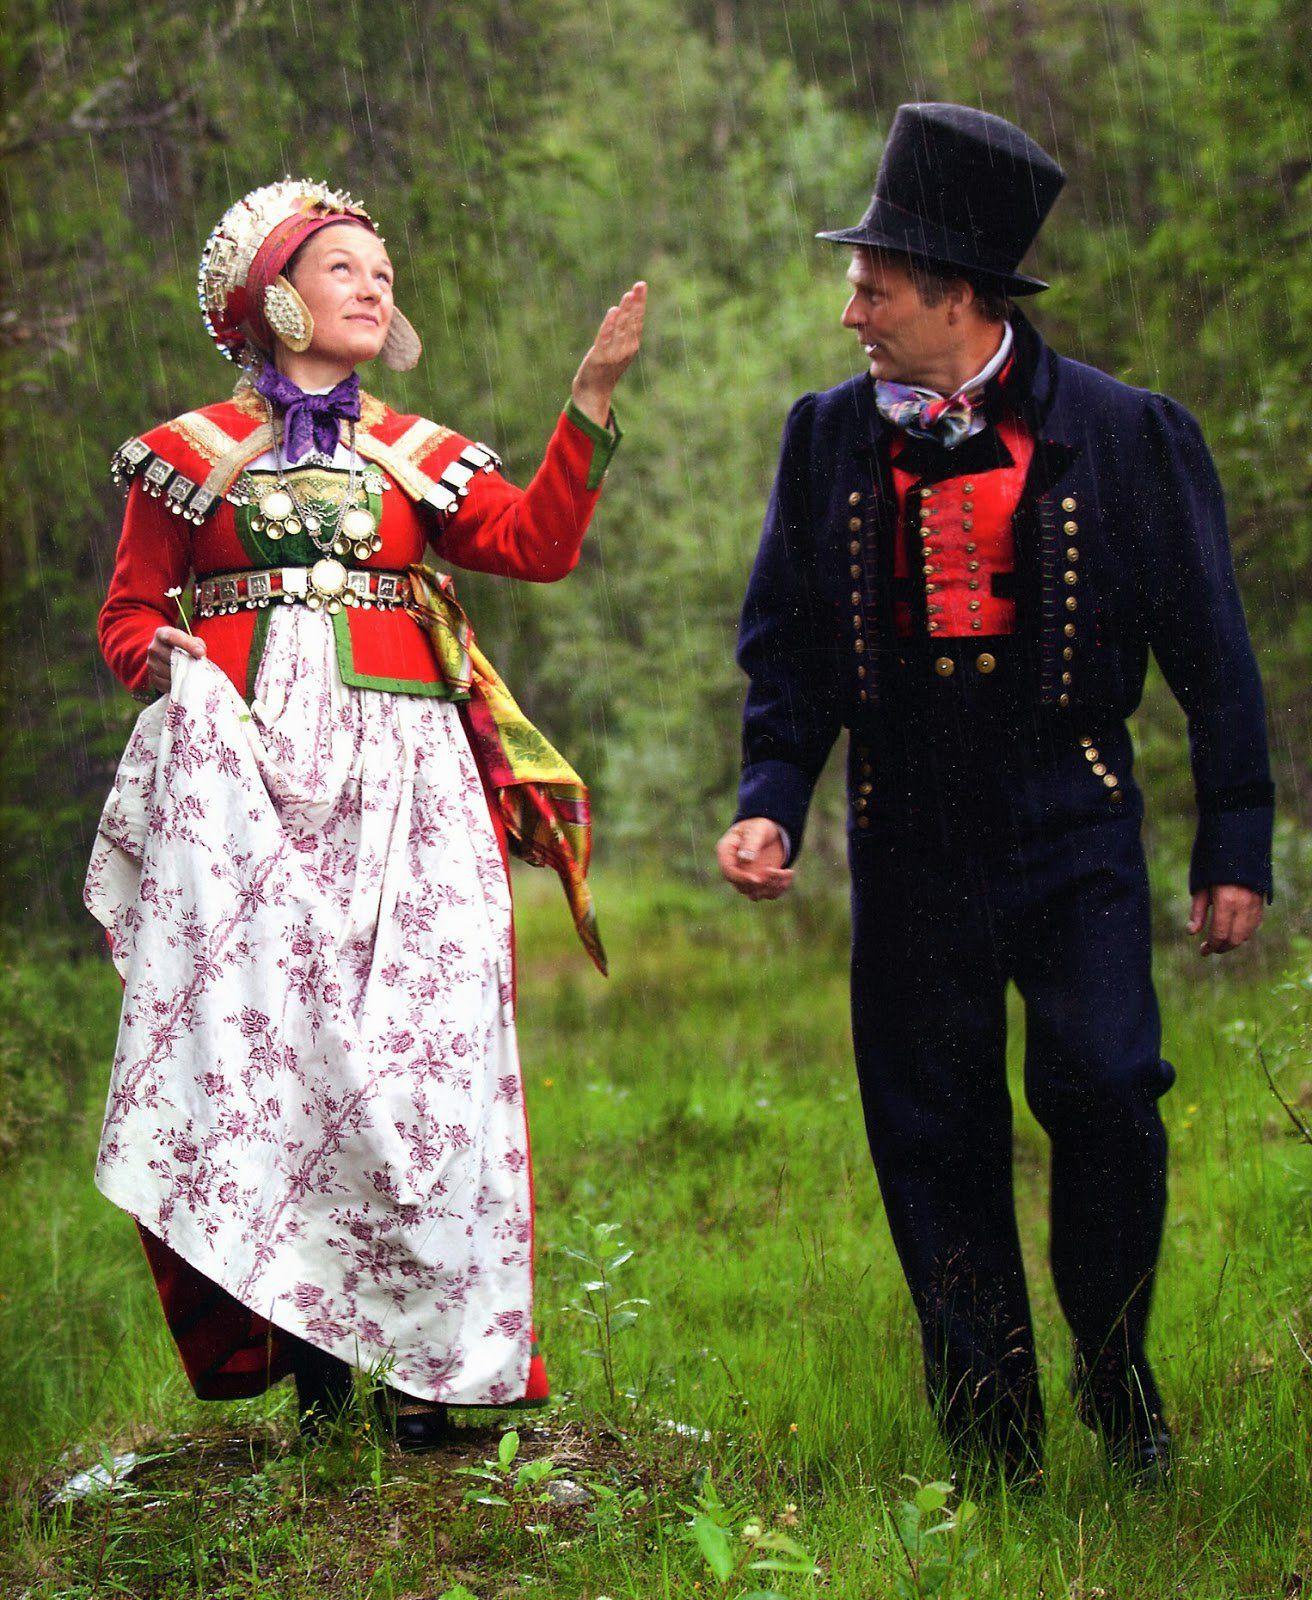 Découvrez à quoi ressemblent les tenues traditionnelles des mariés dans le monde